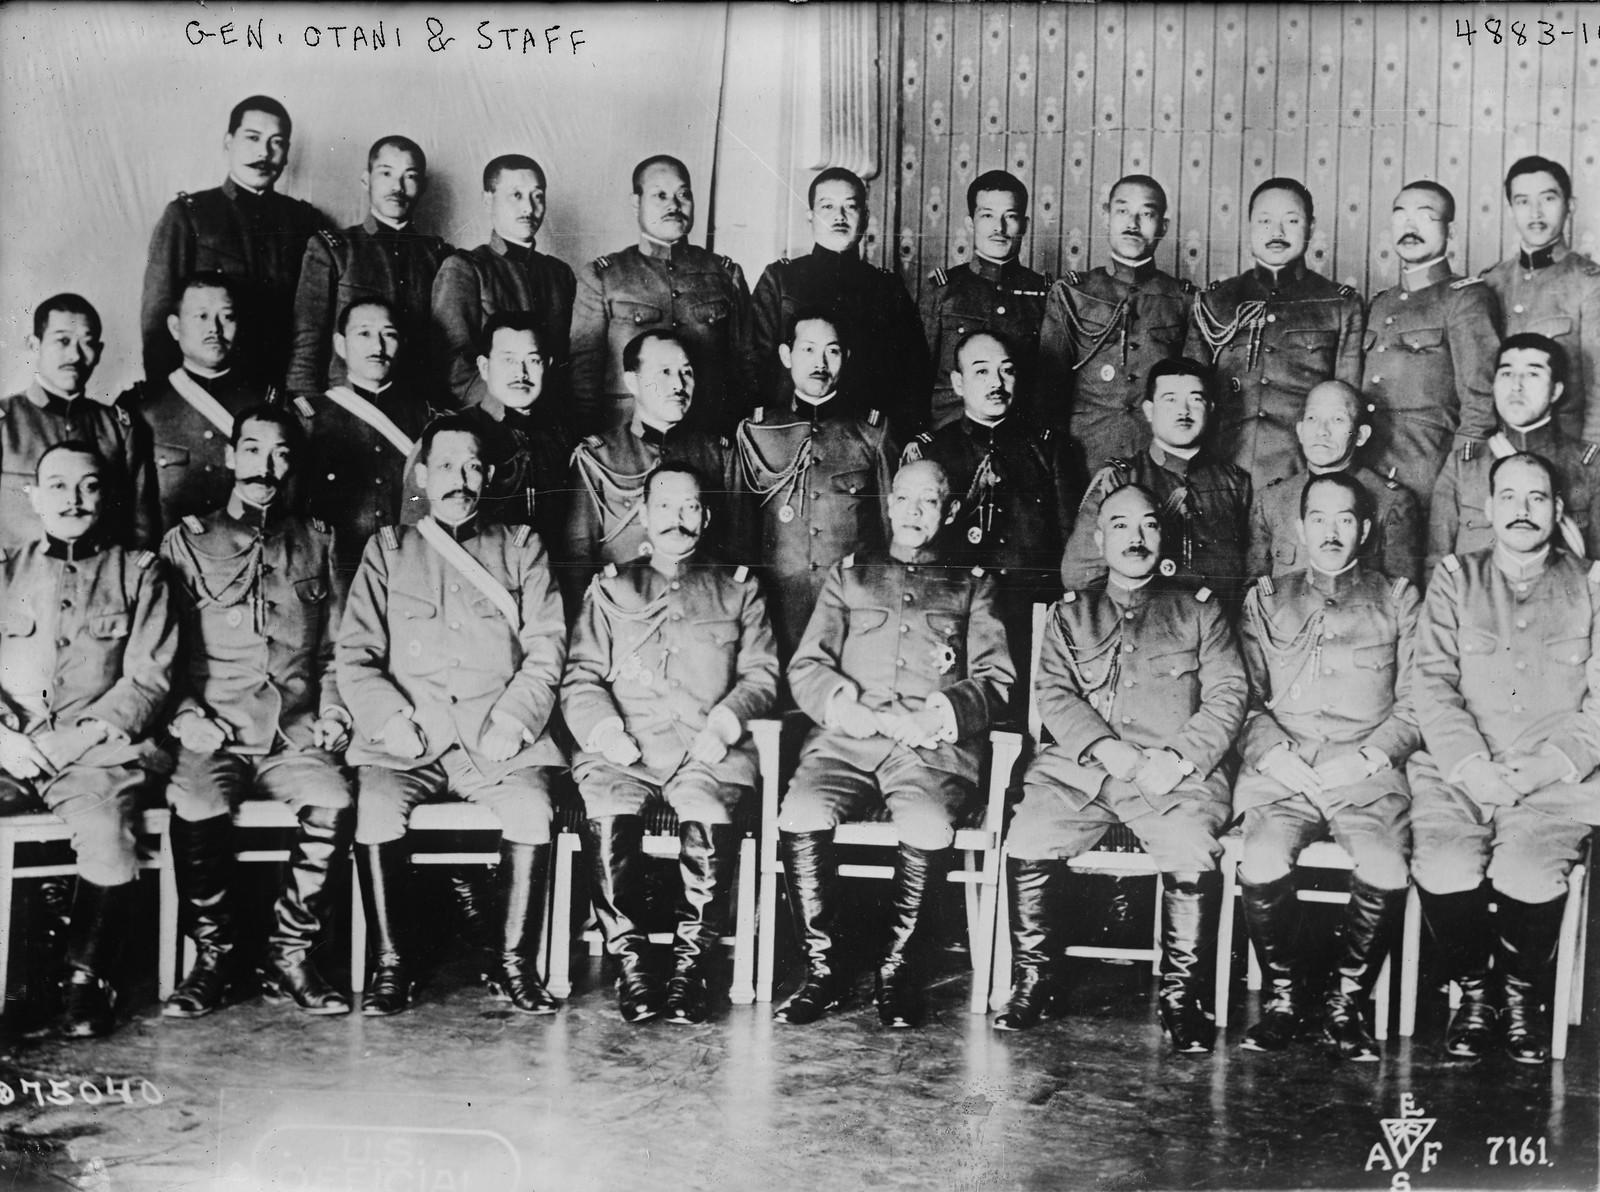 1918. Генерал Кикудзо Отани, главнокомандующий союзными войсками на Дальнем Востоке со своими штабными офицерами